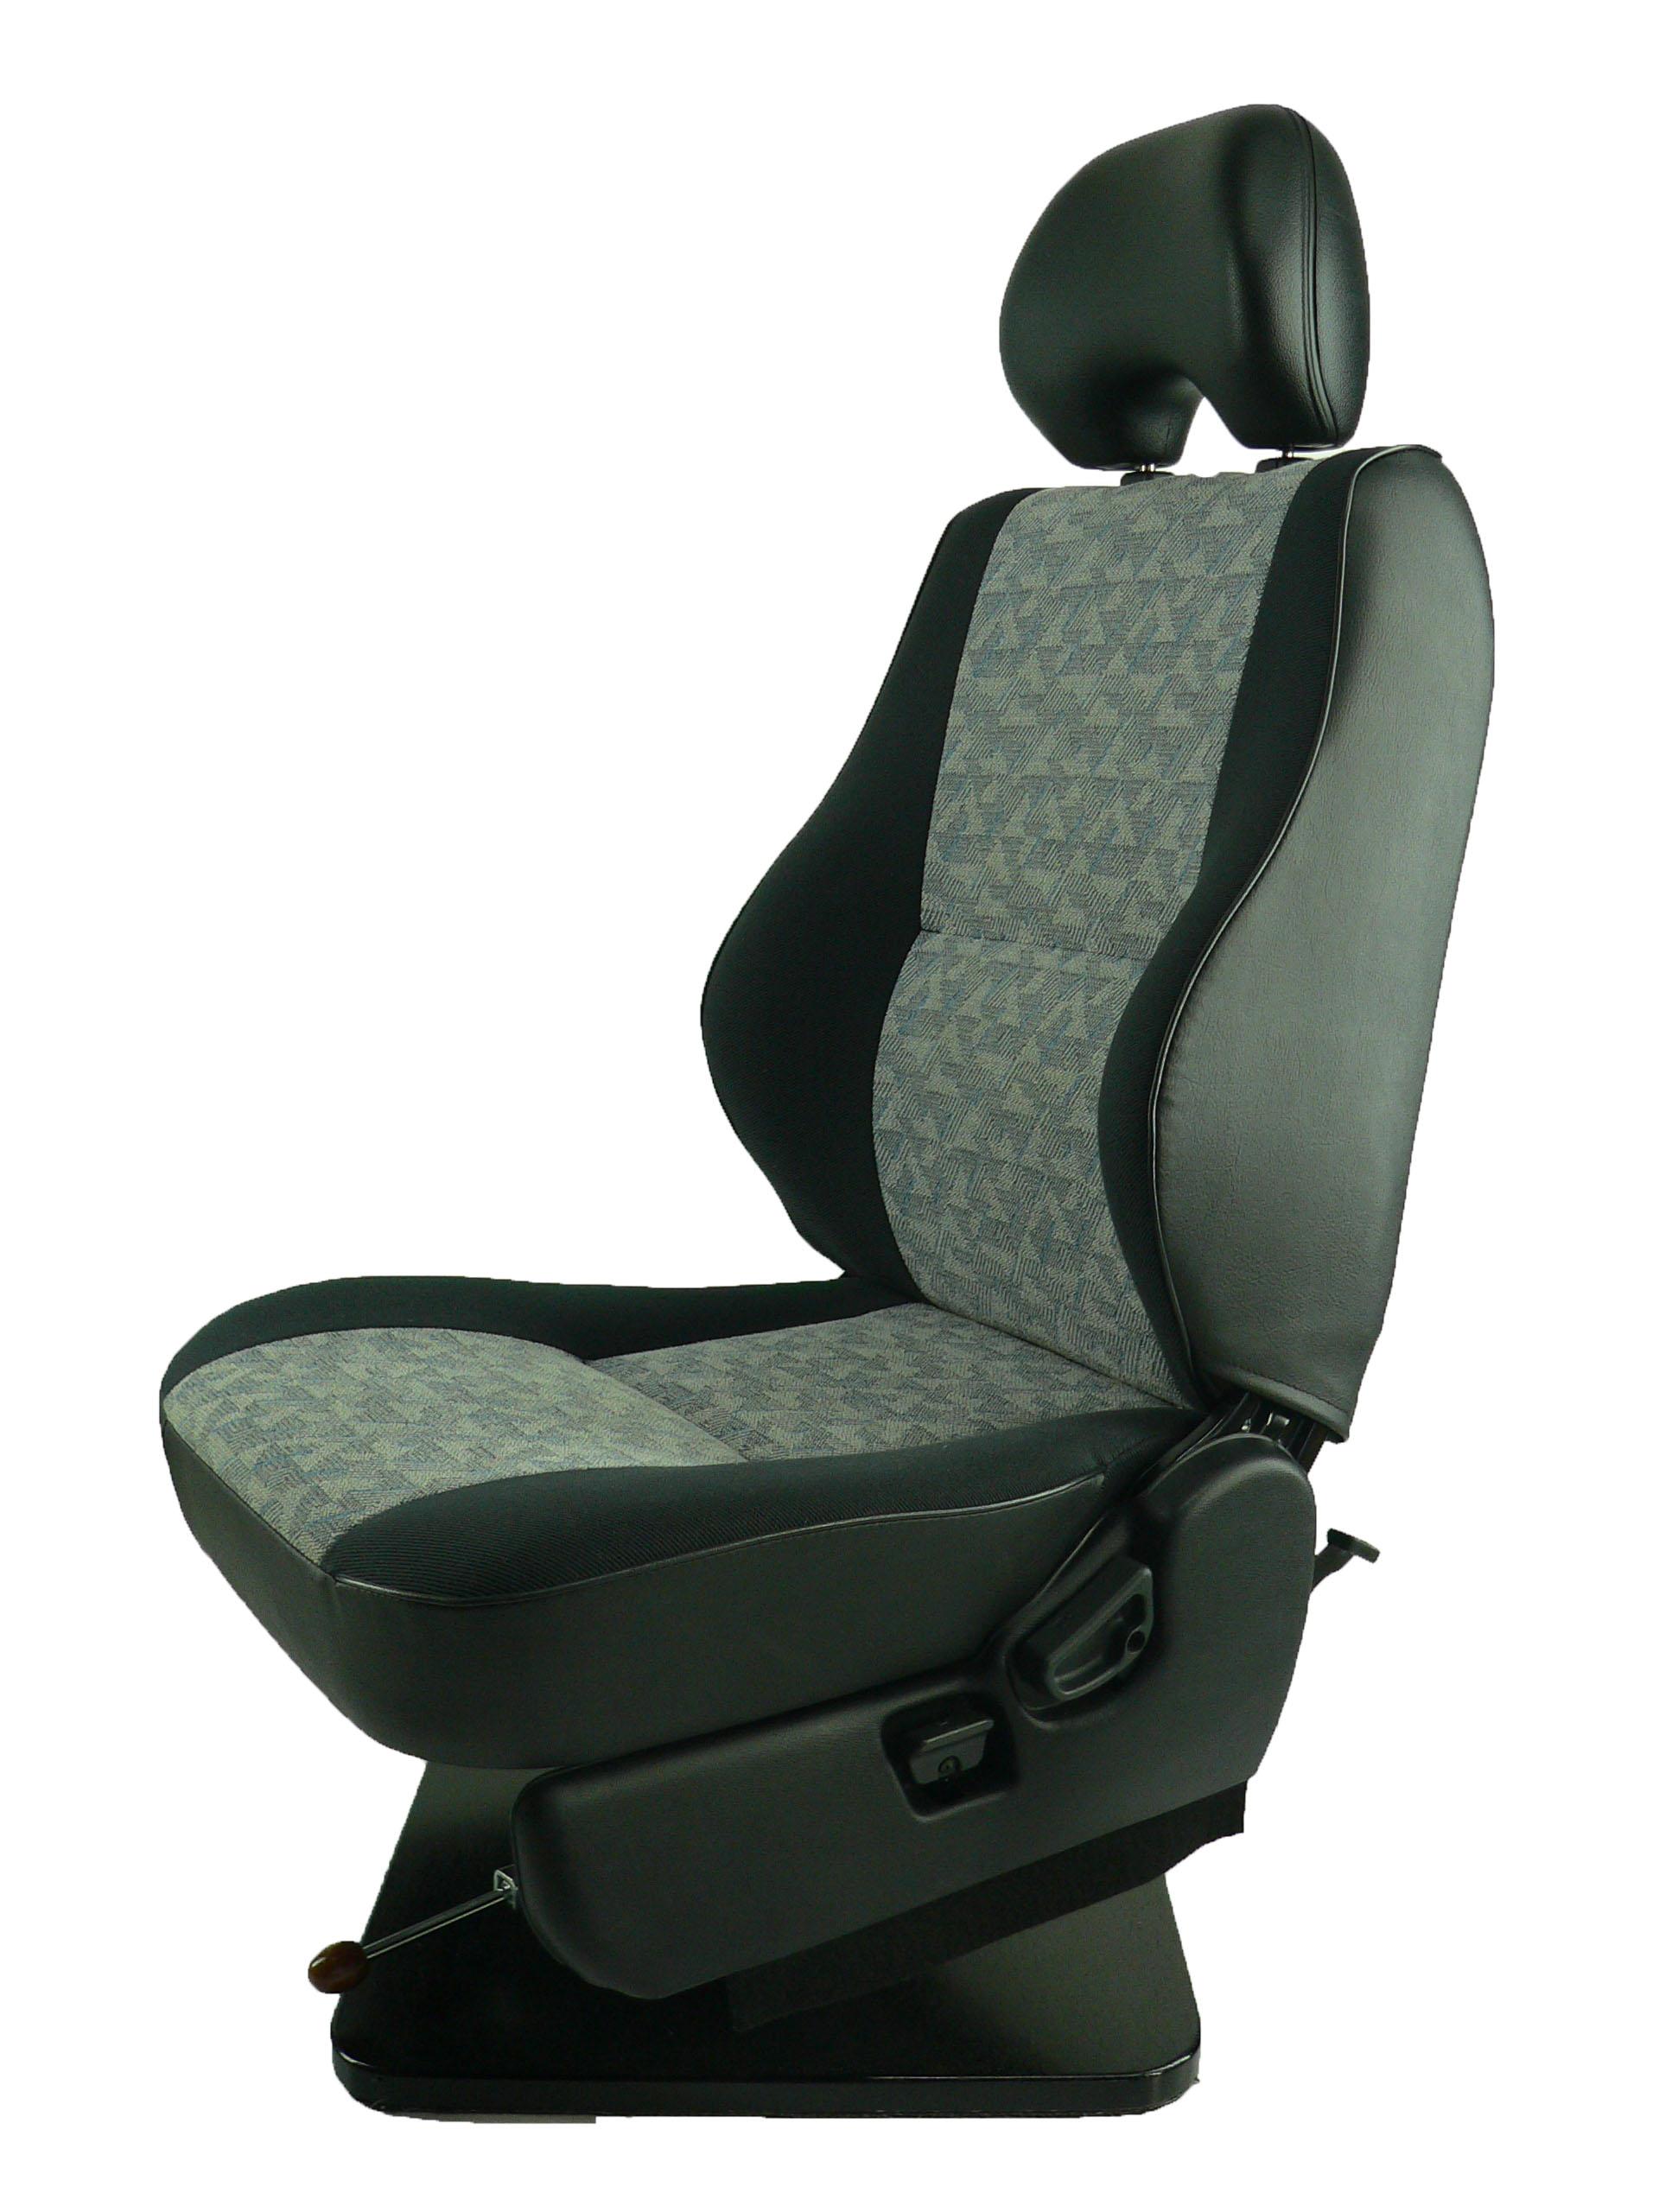 三菱 パジェロミニ H56A ★自動車シートがリクライニングチェアー(フロアチェア)に、環境と健康に優しい椅子。パソコン作業に最適